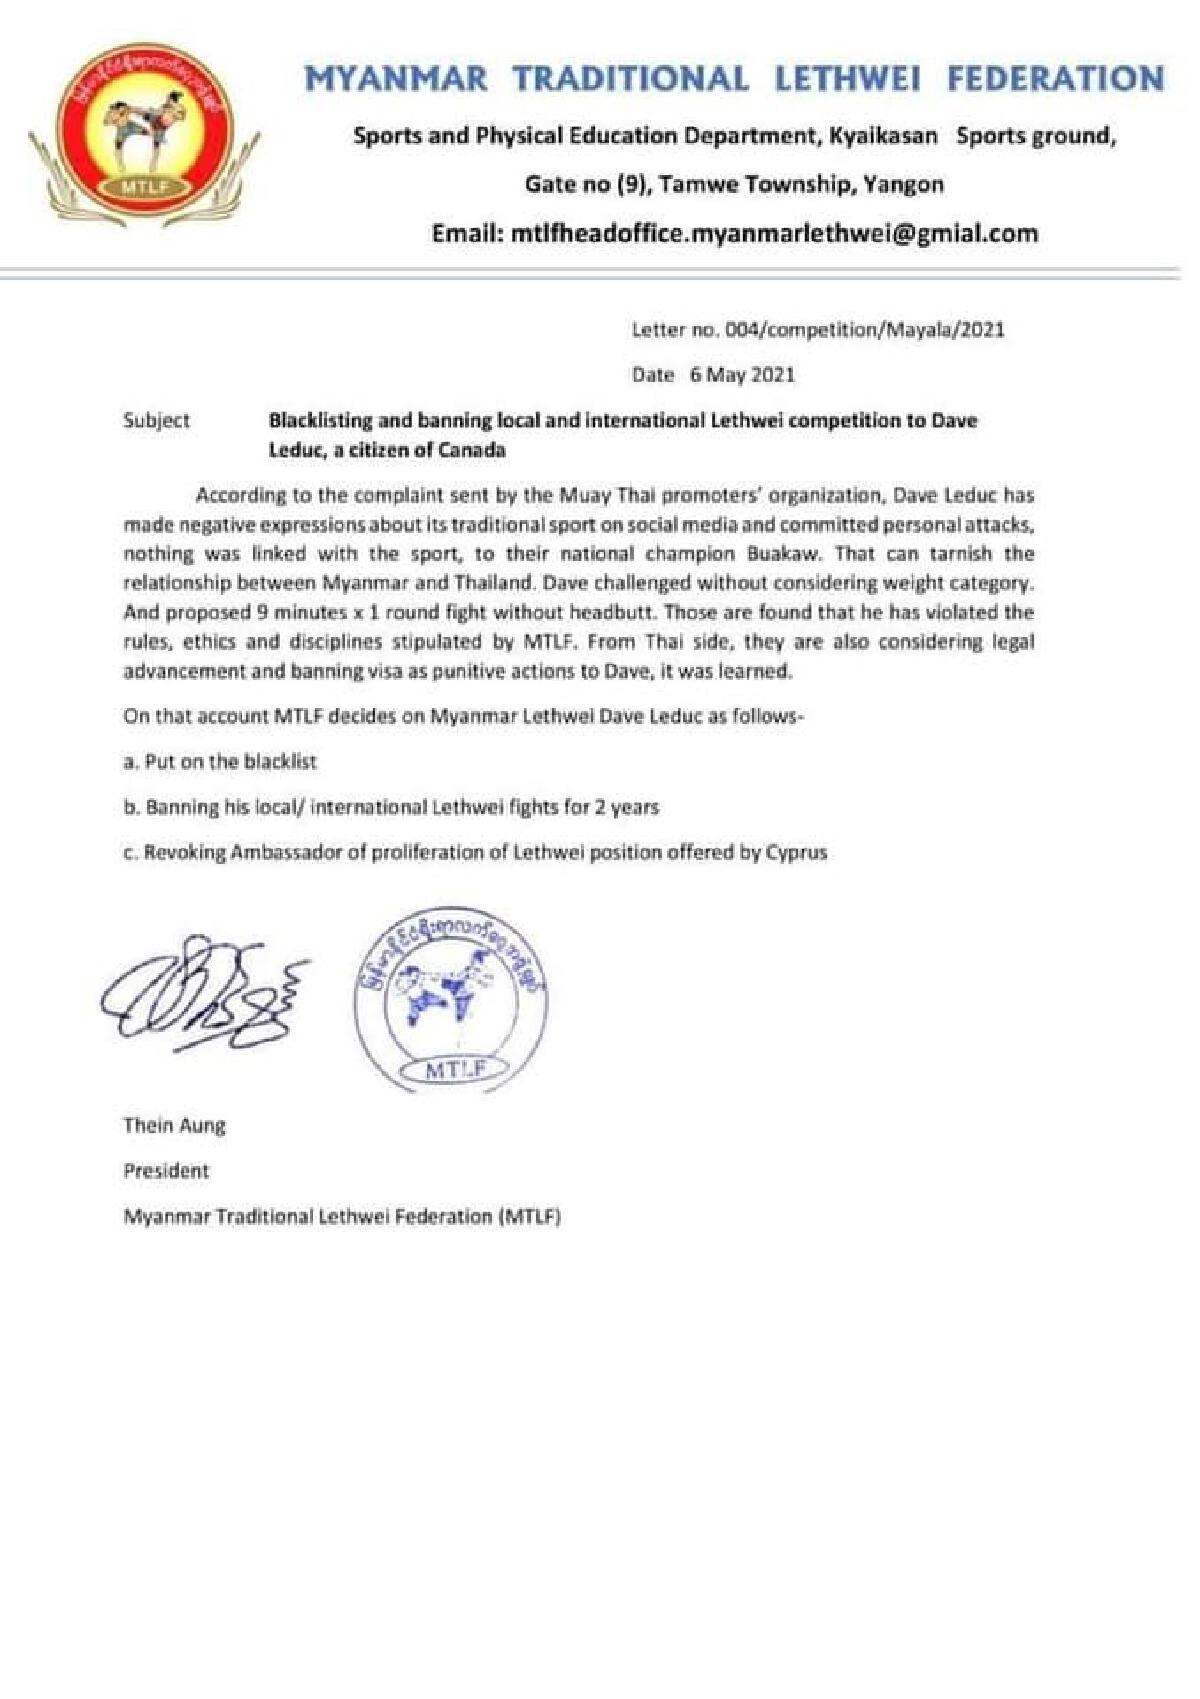 """สมาพันธ์มวยพม่า ไม่ทน ขึ้นบัญชีดำสั่งเเบน""""เดฟ เลดัก""""2ปี ถอดถอนจากทูตฯ"""